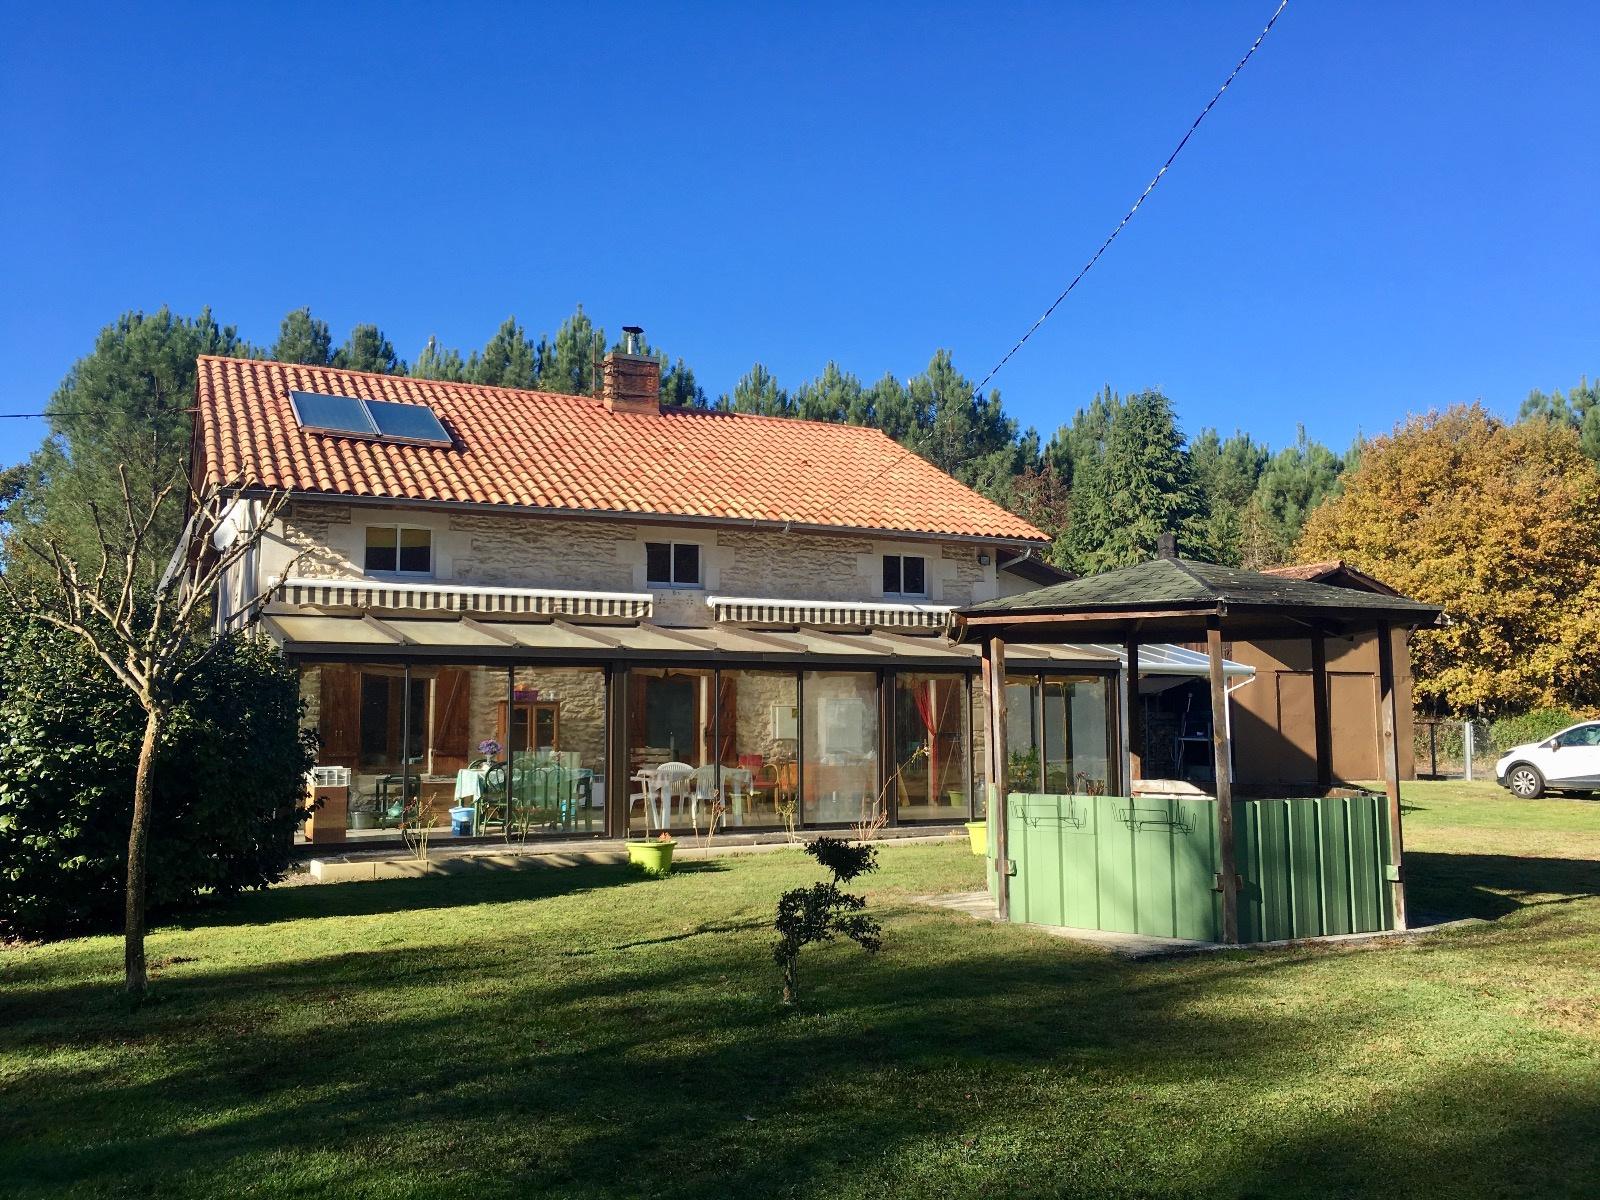 maison villa vente sore m tres carr s 110 dans le domaine de landes ref 3790